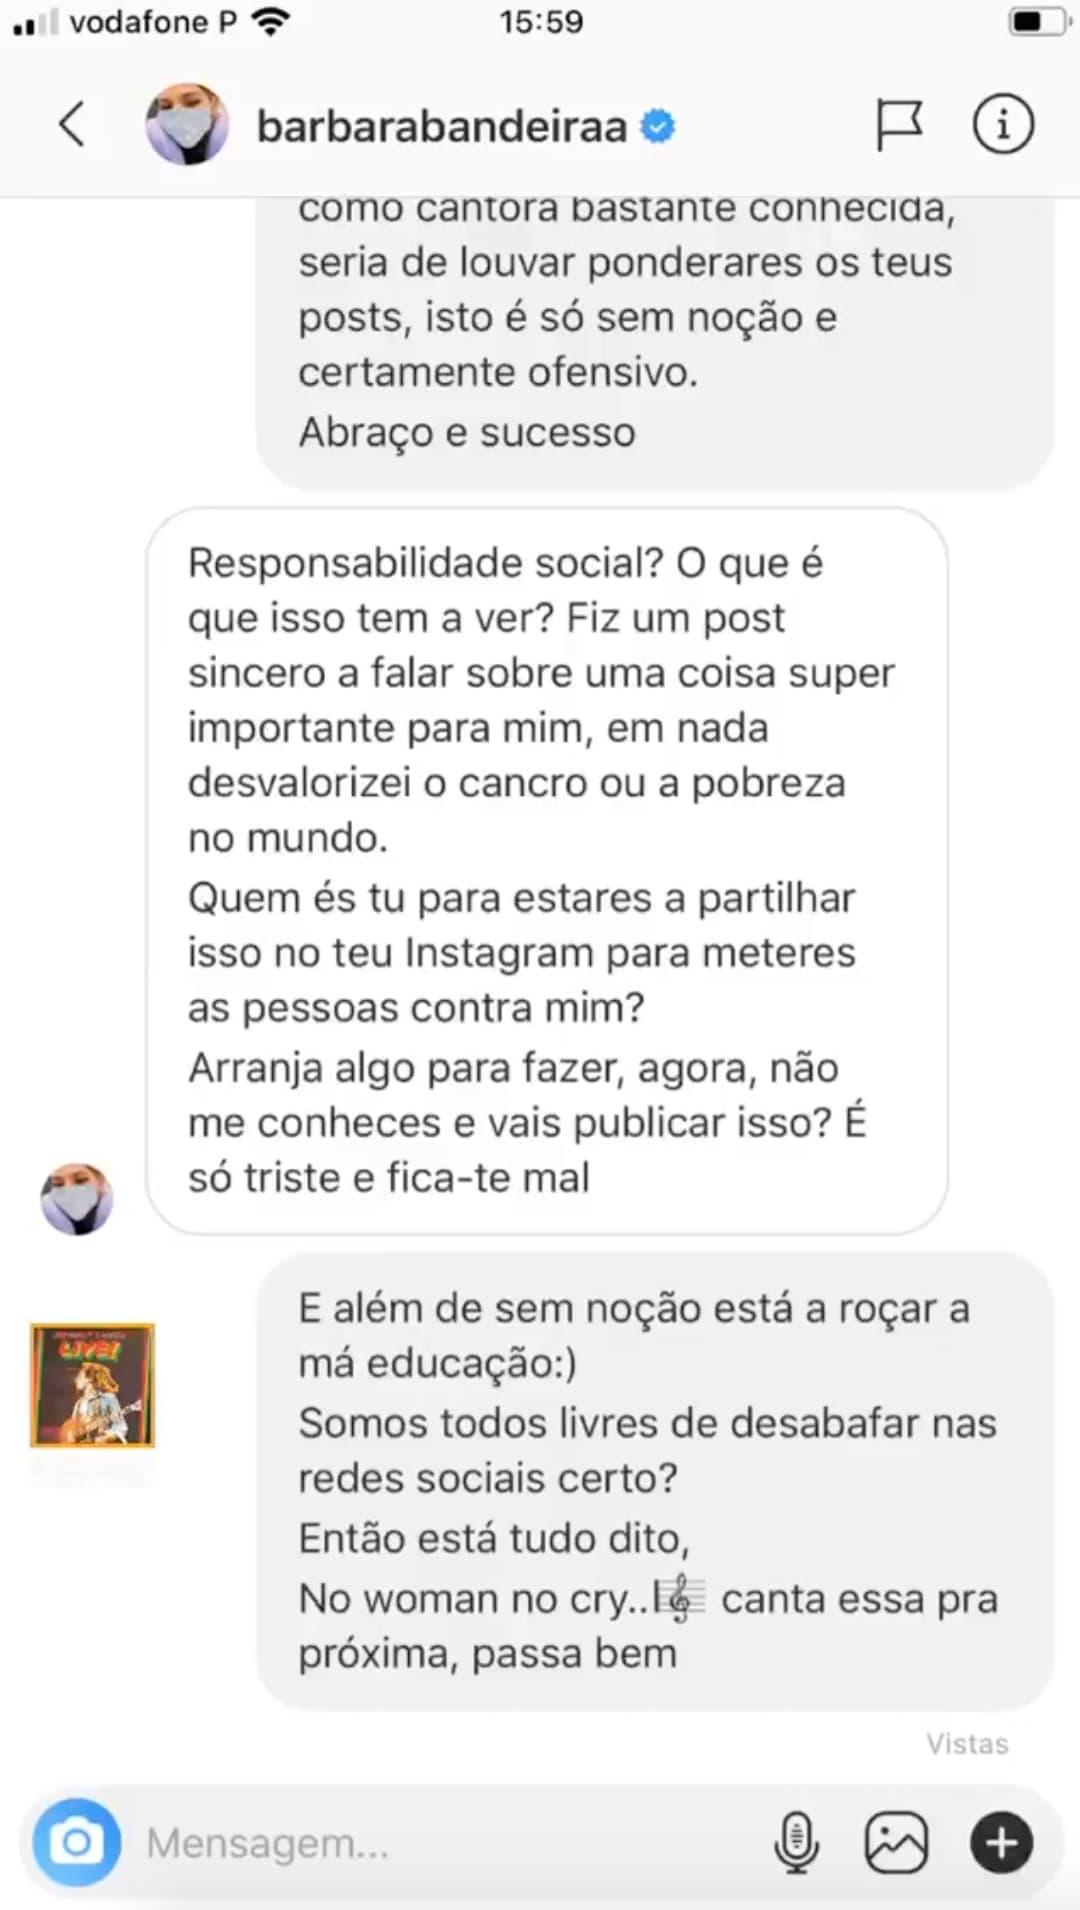 Barbara Bandeira Debora Picoito 2 Bárbara Bandeira Chora Com Adiamento Do Concerto, É Arrasada E Responde! Veja As Mensagens